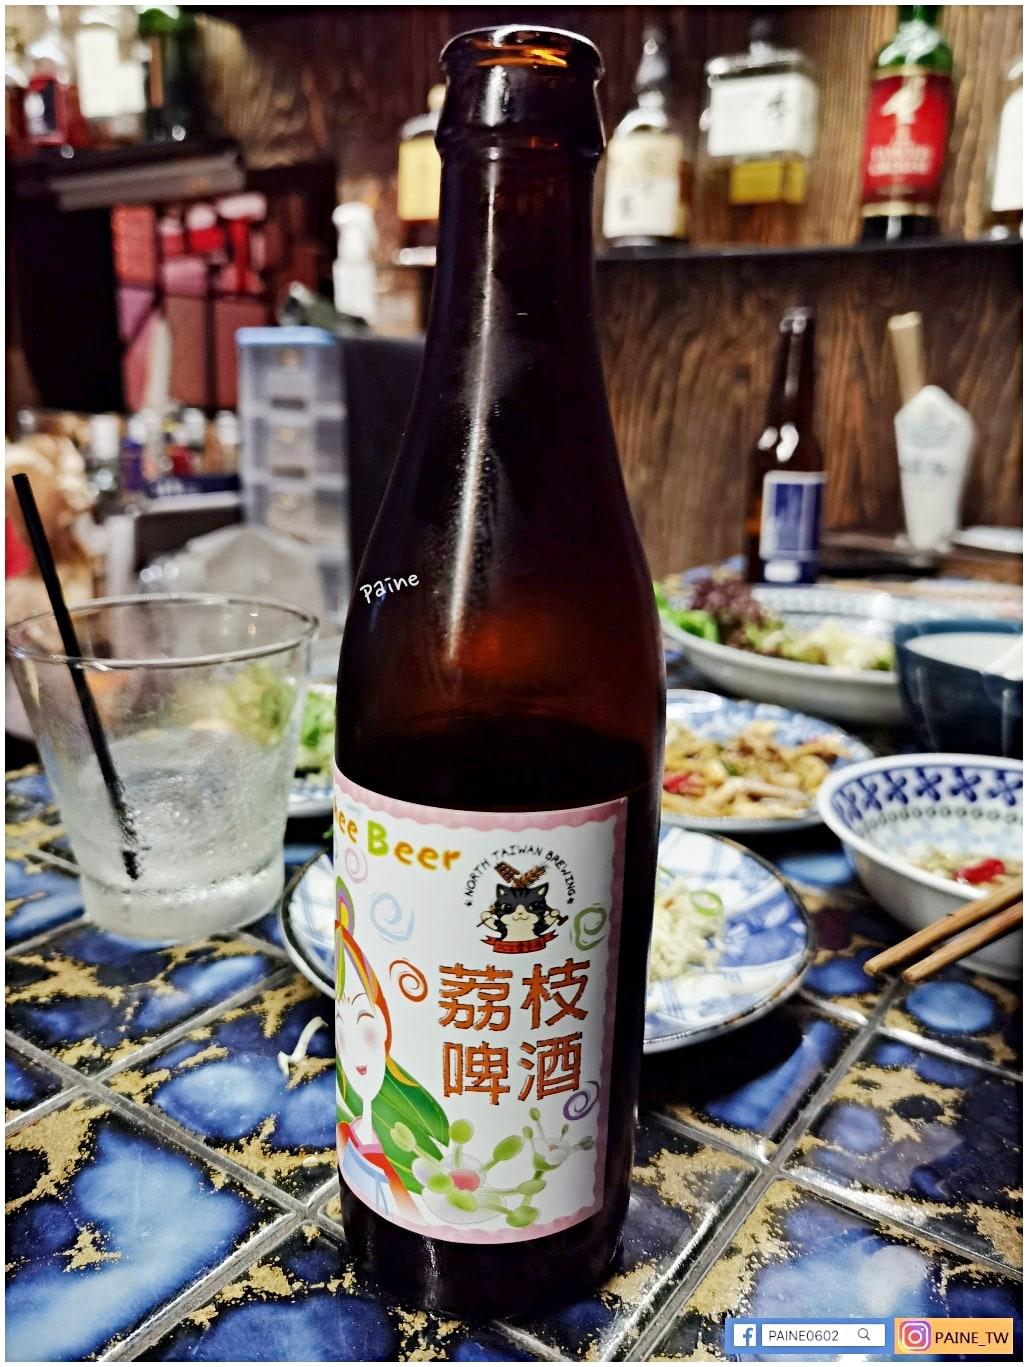 渣男Taiwan Bistro